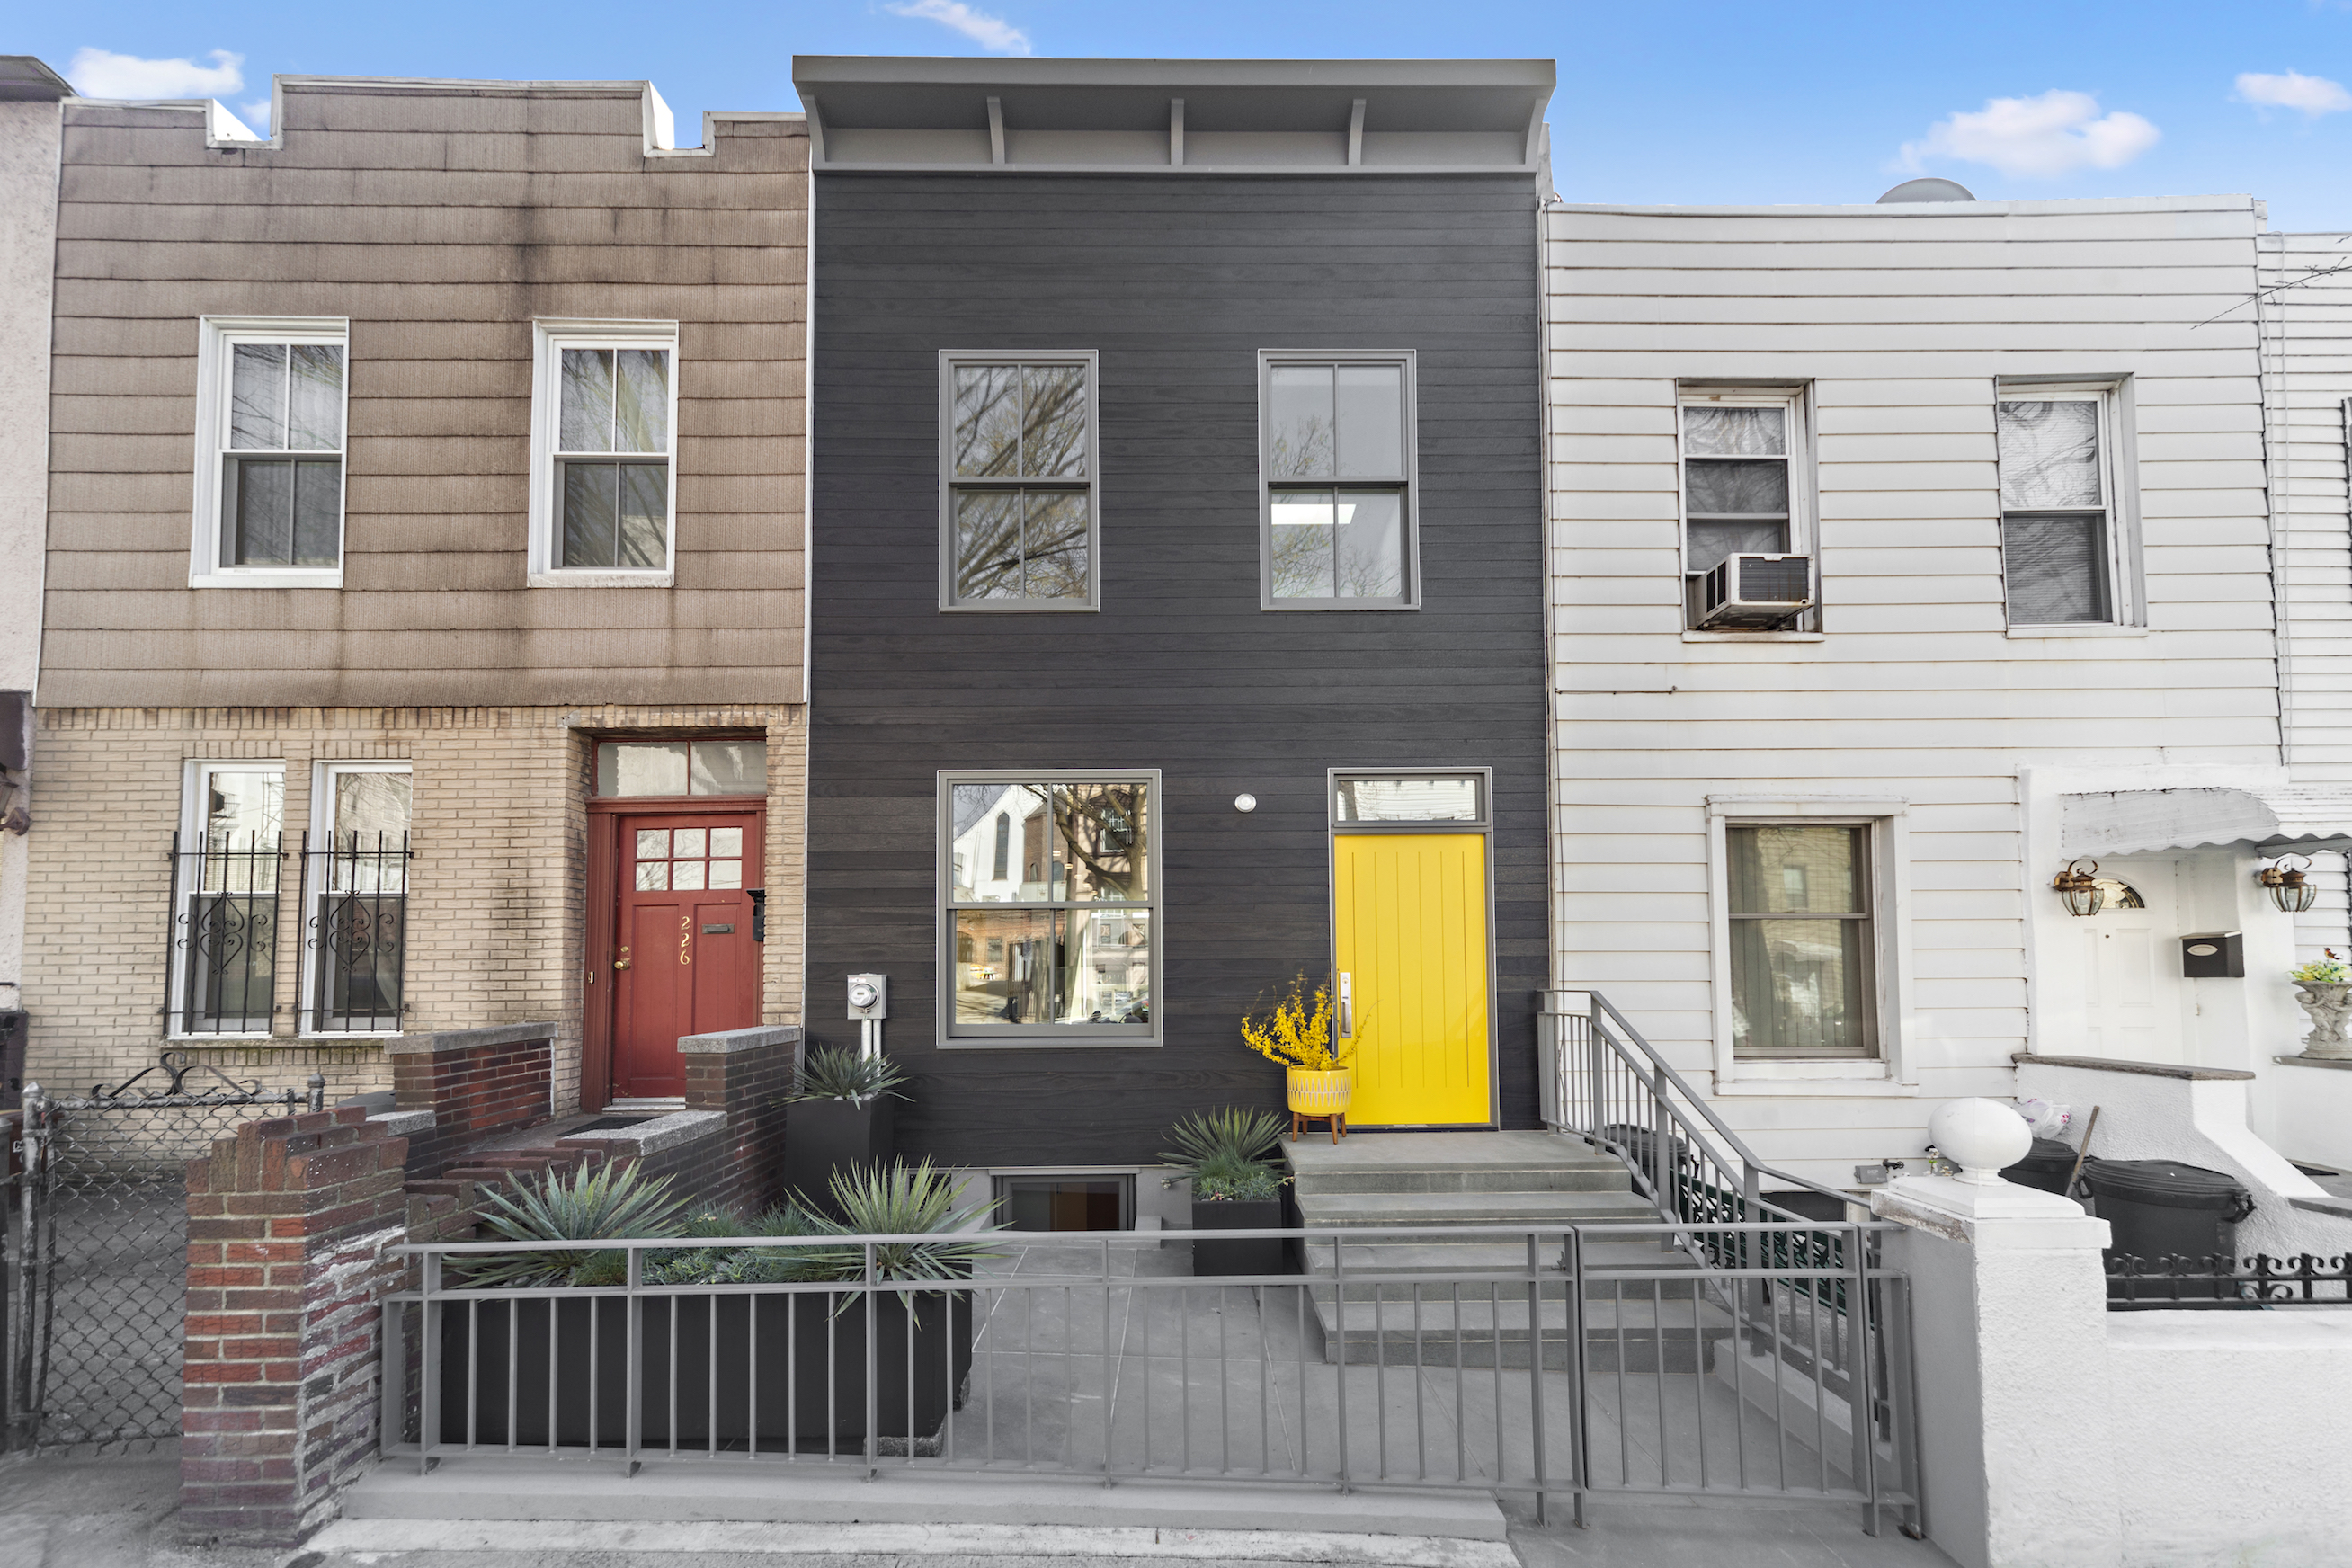 224 19TH ST HOUSE, Brooklyn, NY 11232